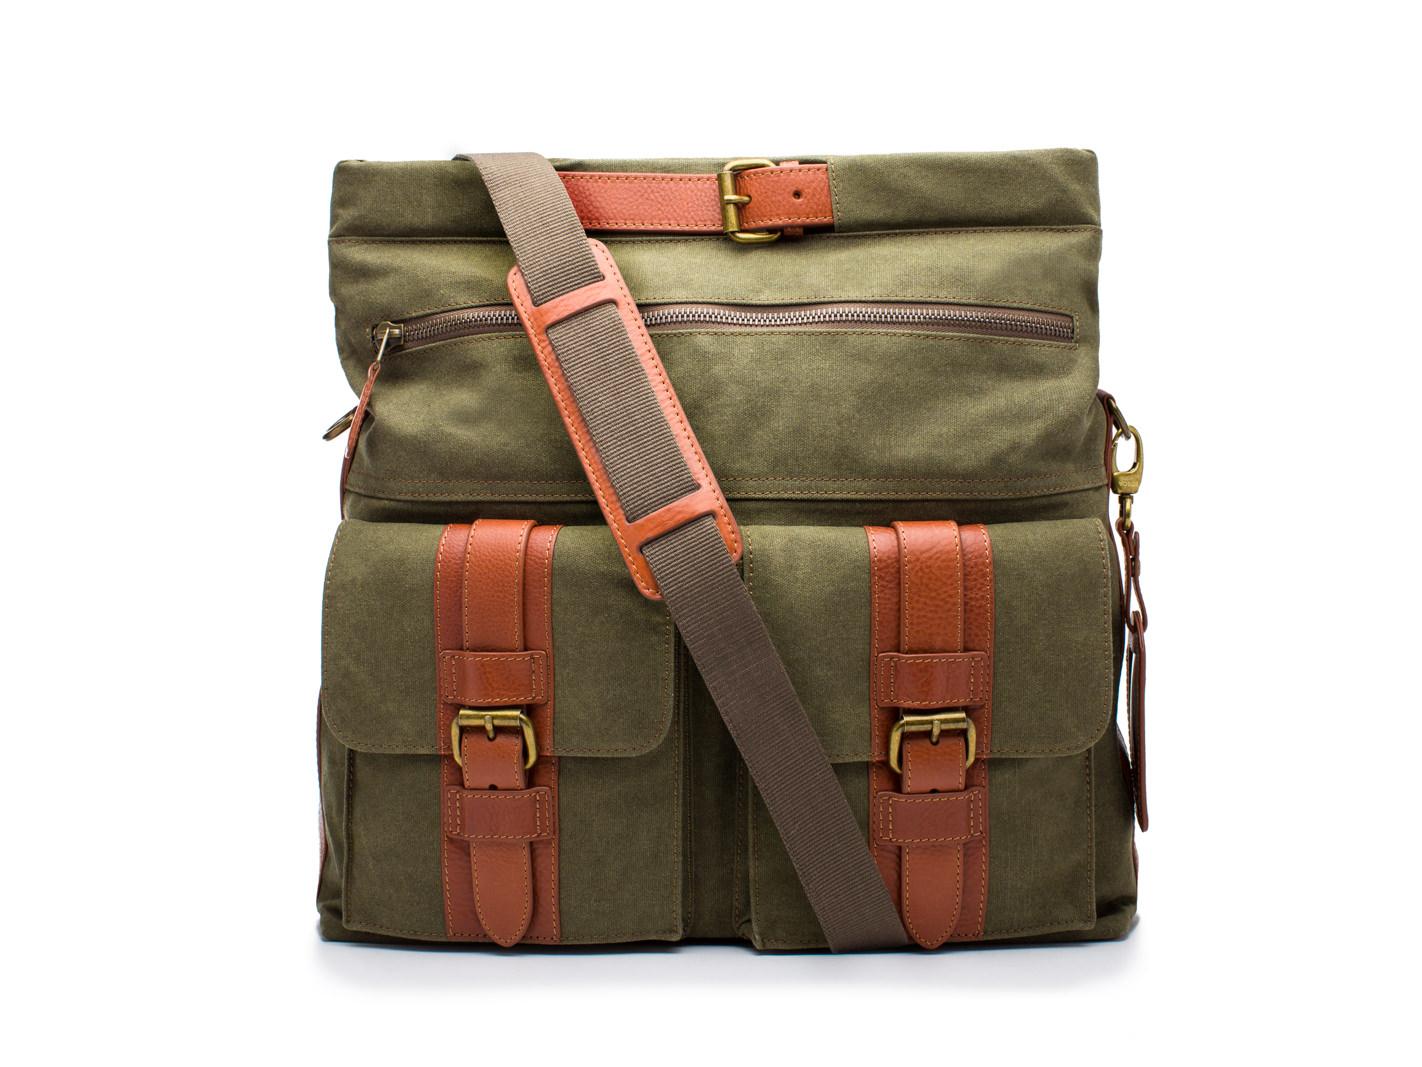 Explorer Bag-394 Chestnut / Olive - 394 Chestnut / Olive